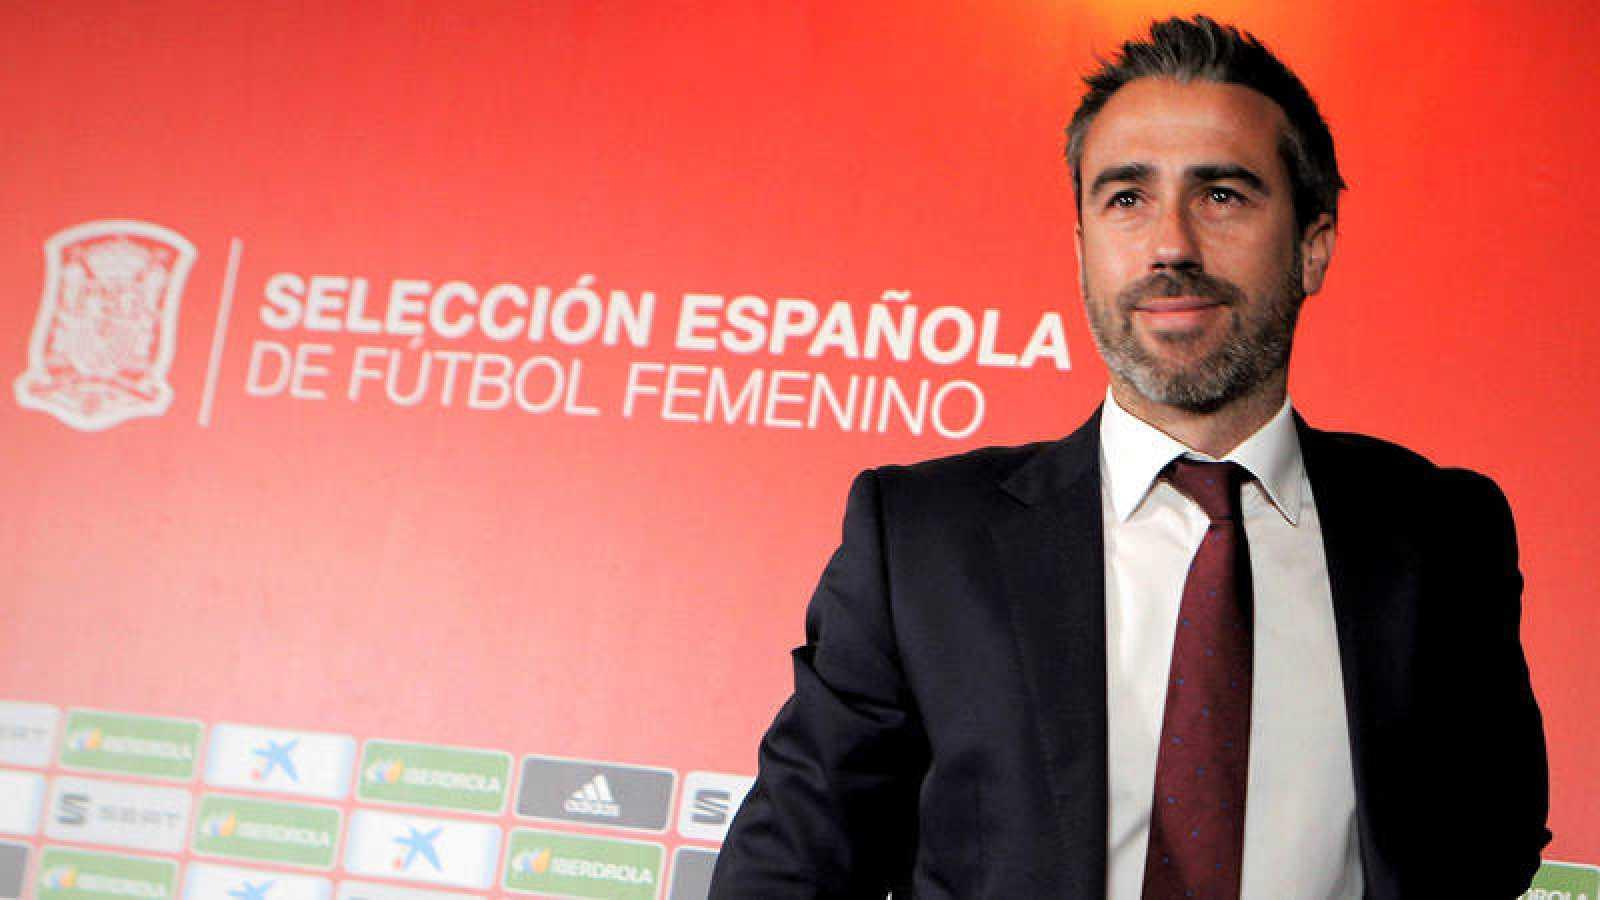 El seleccionador español del equipo femenino de fútbol, Jorge Vilda.